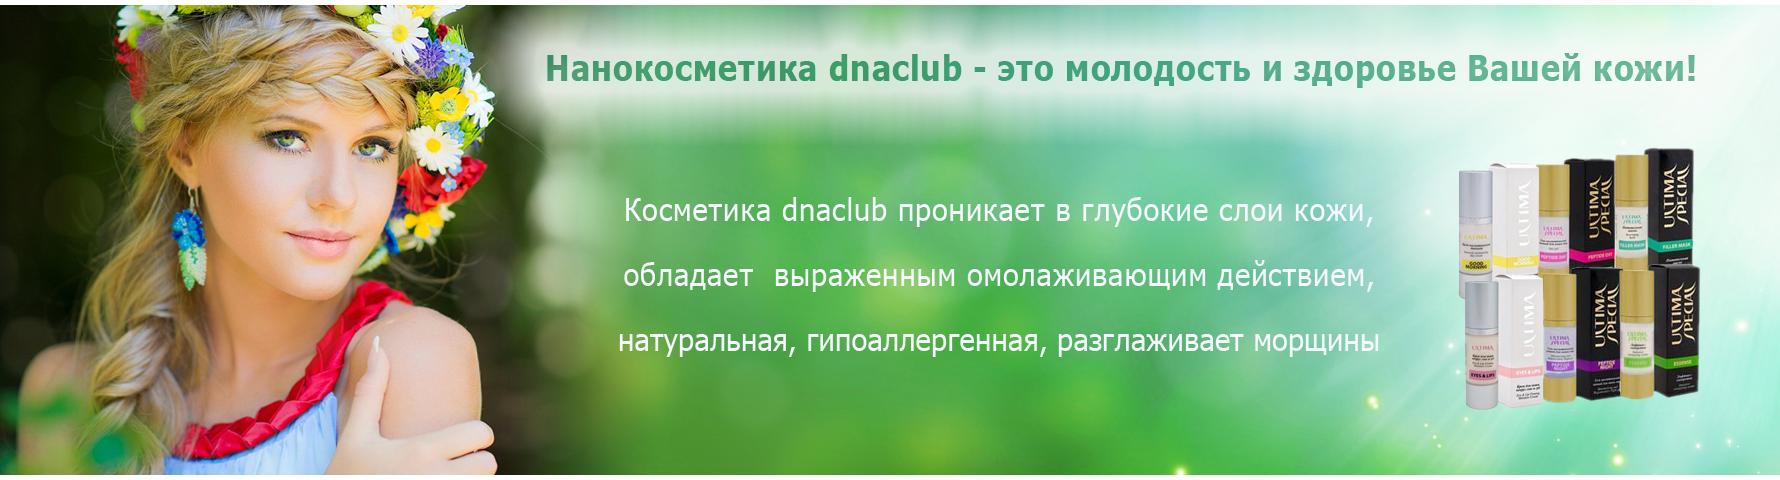 Косметика Ultima компании dnaclub